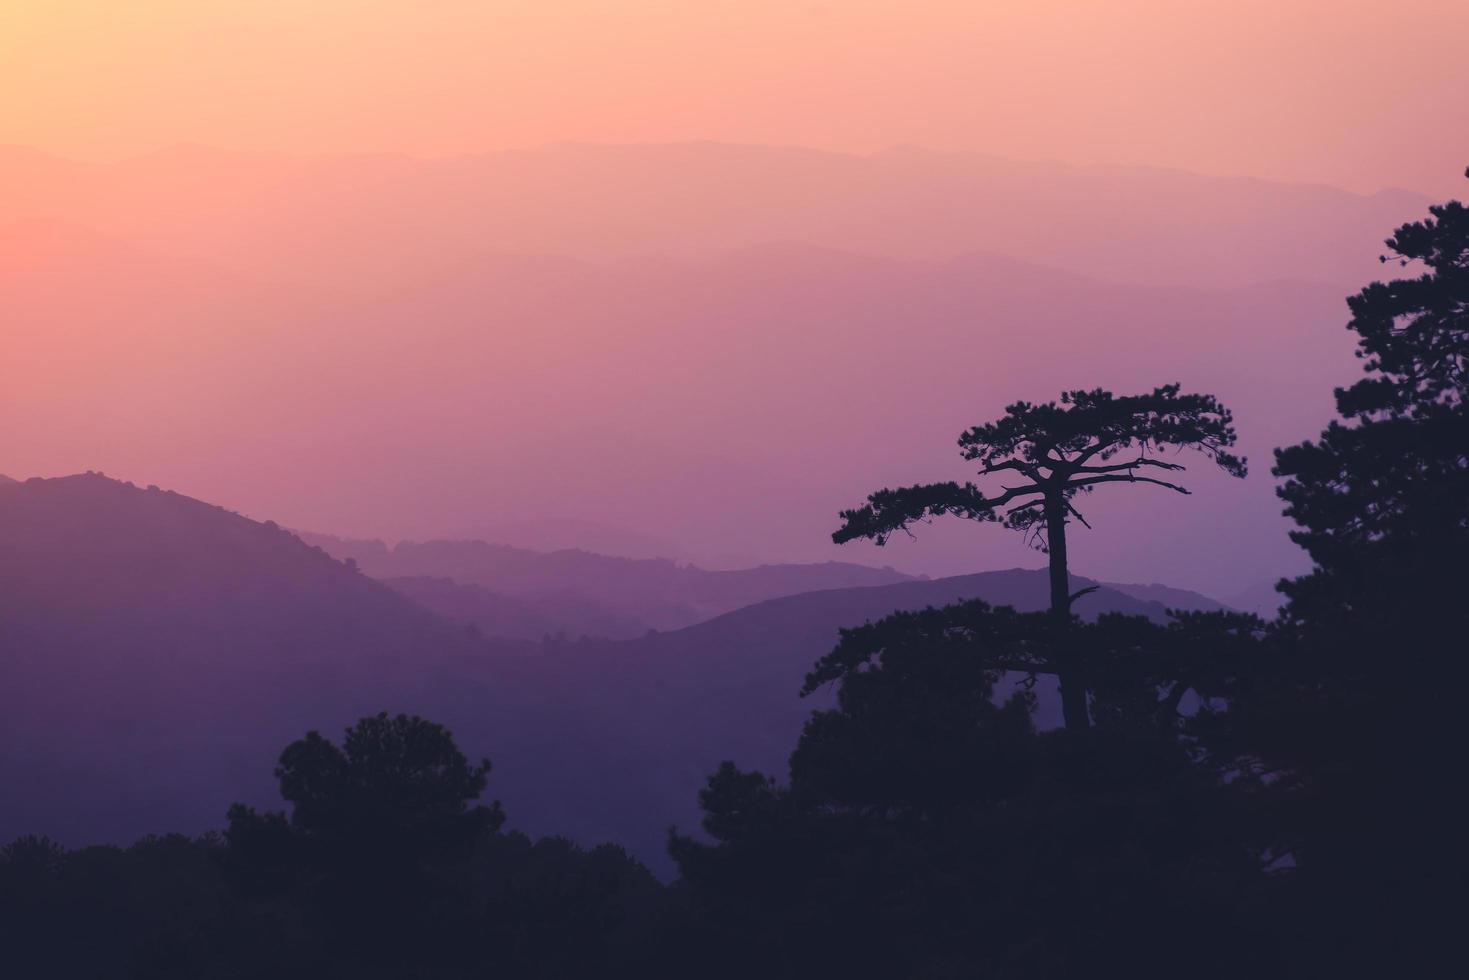 Sonnenuntergang in den Troodos Bergen in Zypern foto